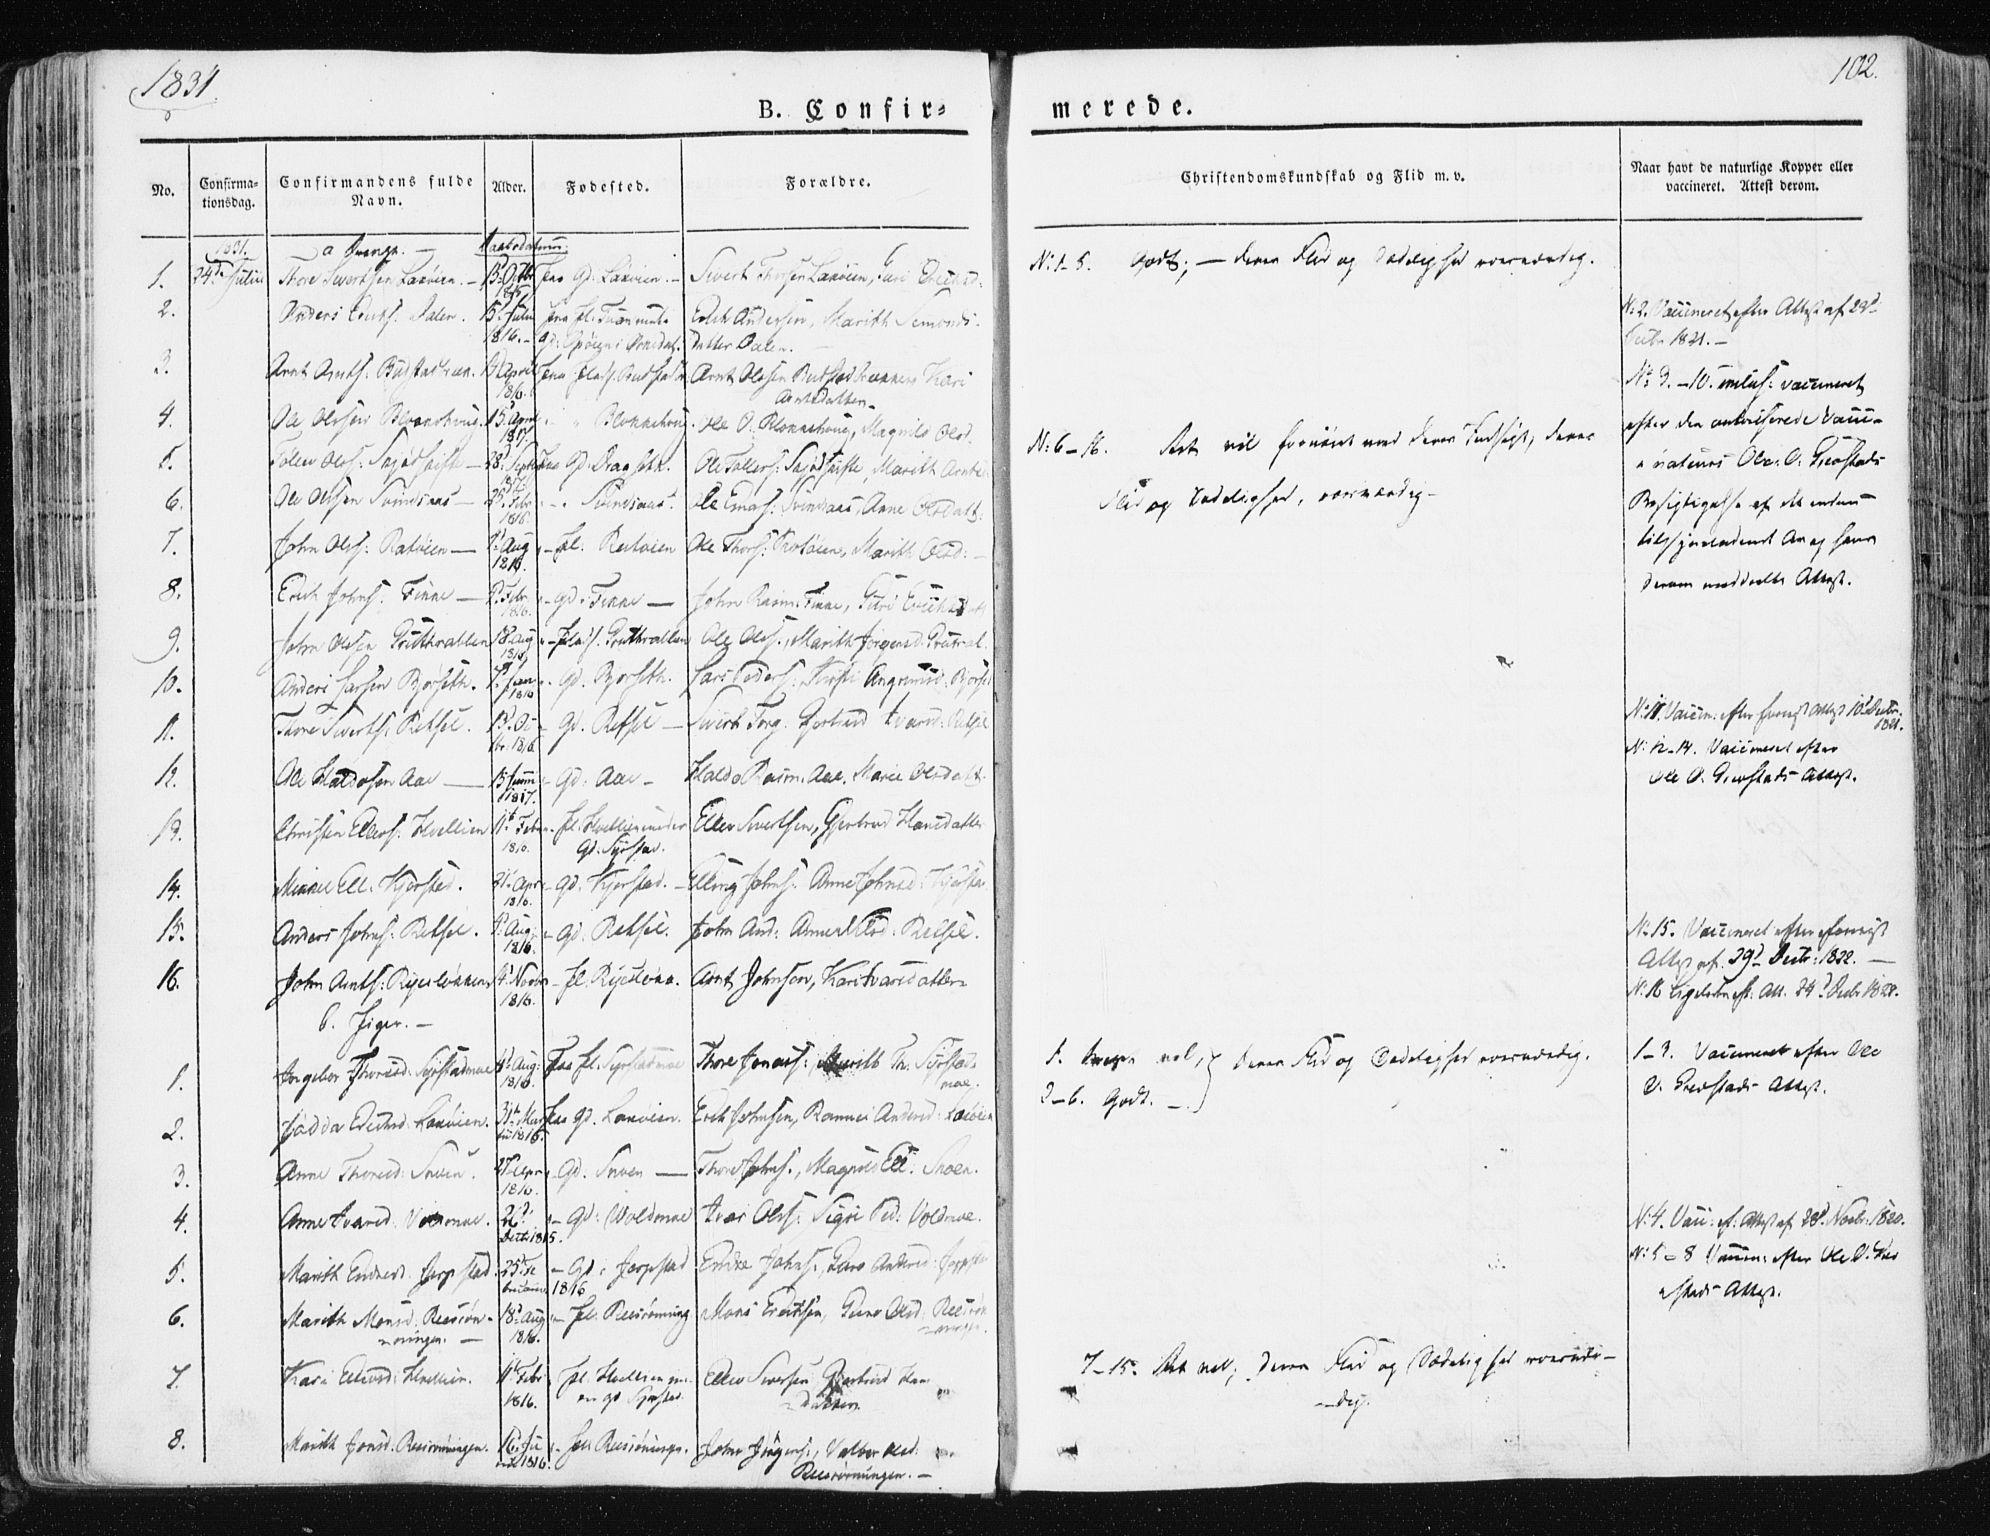 SAT, Ministerialprotokoller, klokkerbøker og fødselsregistre - Sør-Trøndelag, 672/L0855: Ministerialbok nr. 672A07, 1829-1860, s. 102